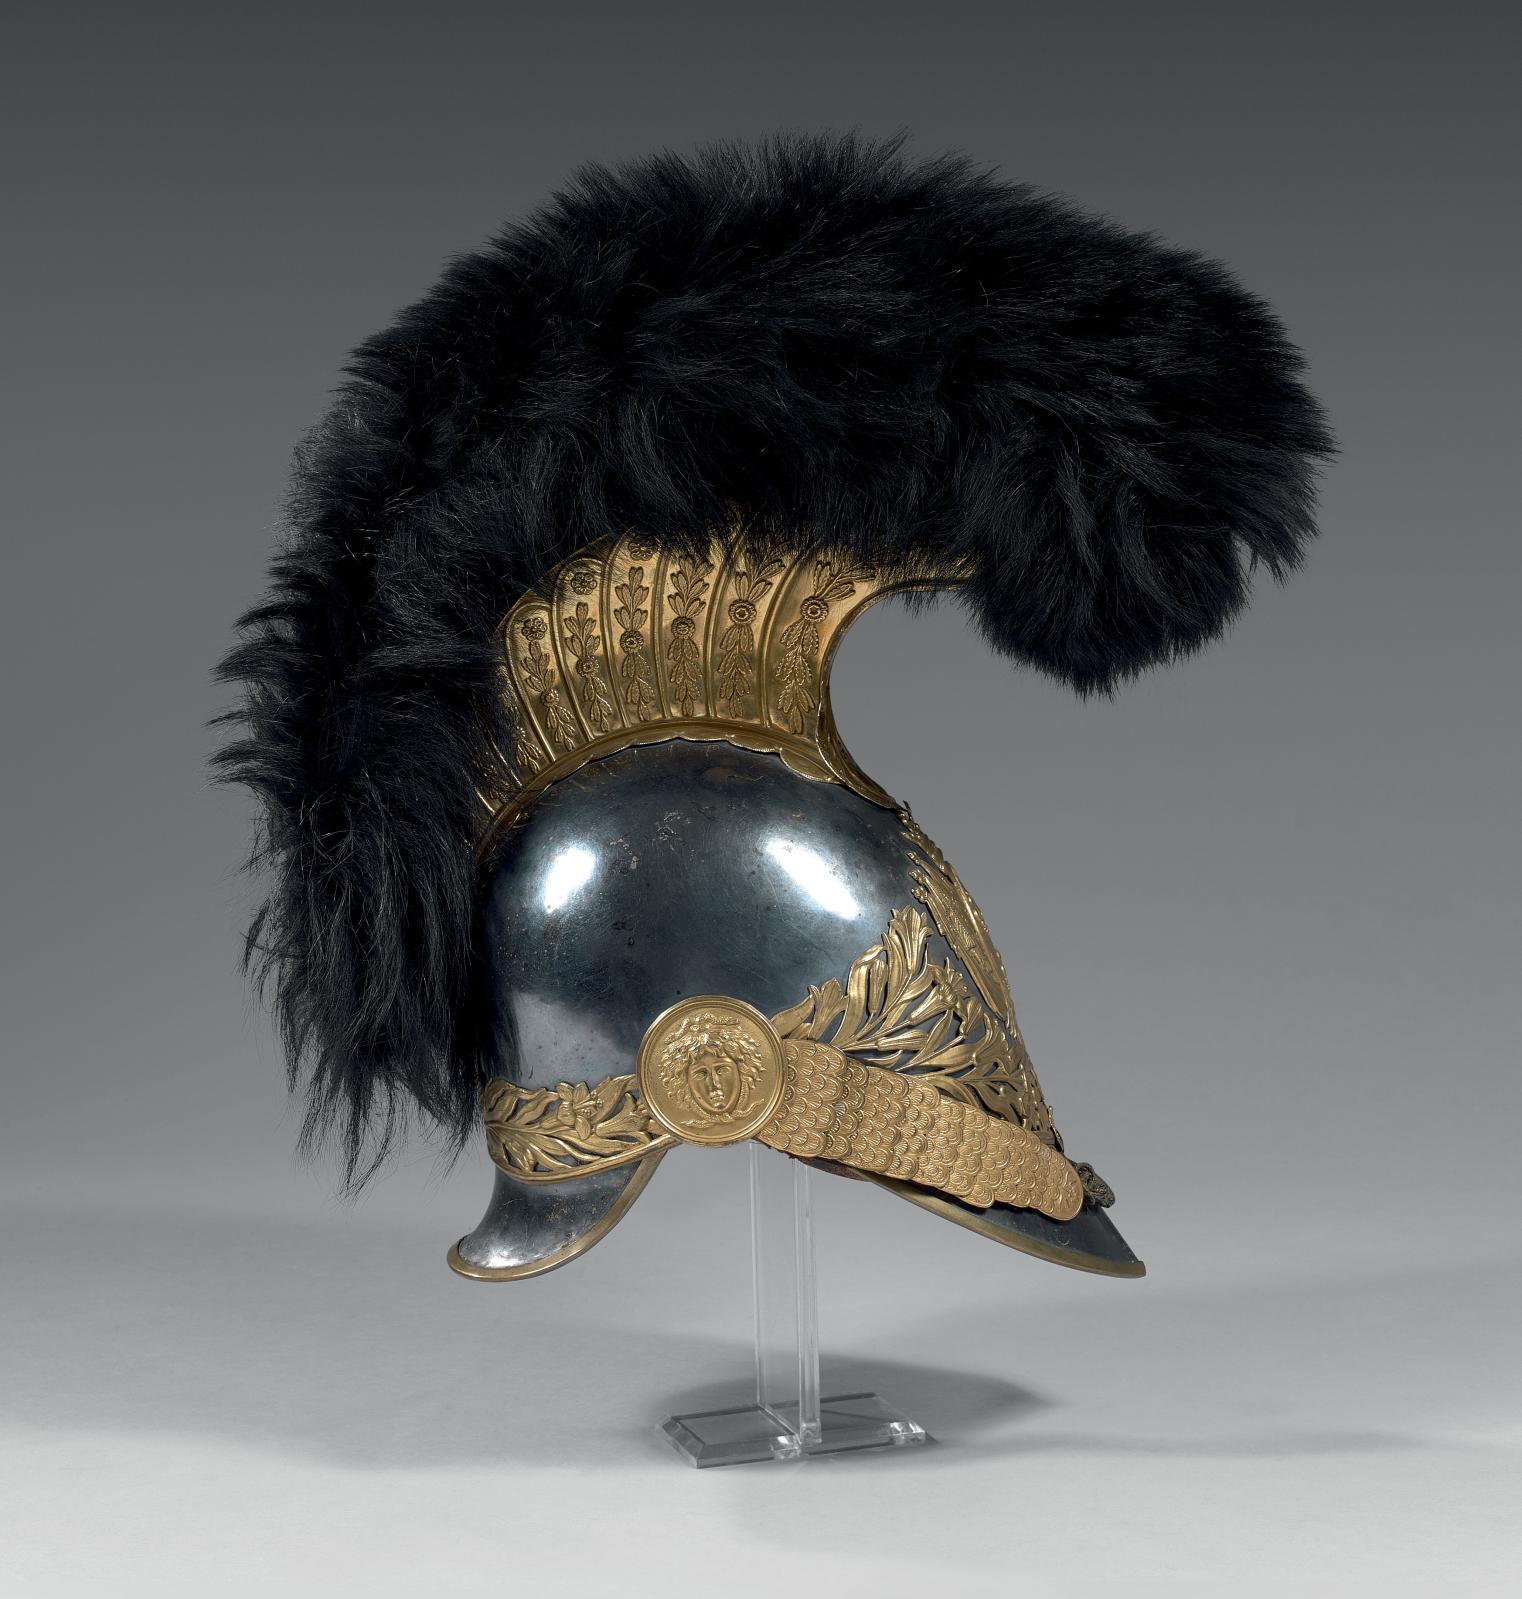 30048€Casque de garde du corps de Monsieur, France, époqueRestauration, 1816, cuivre argenté, laiton doré, cuir, soie, chenille en ourson, aigrette